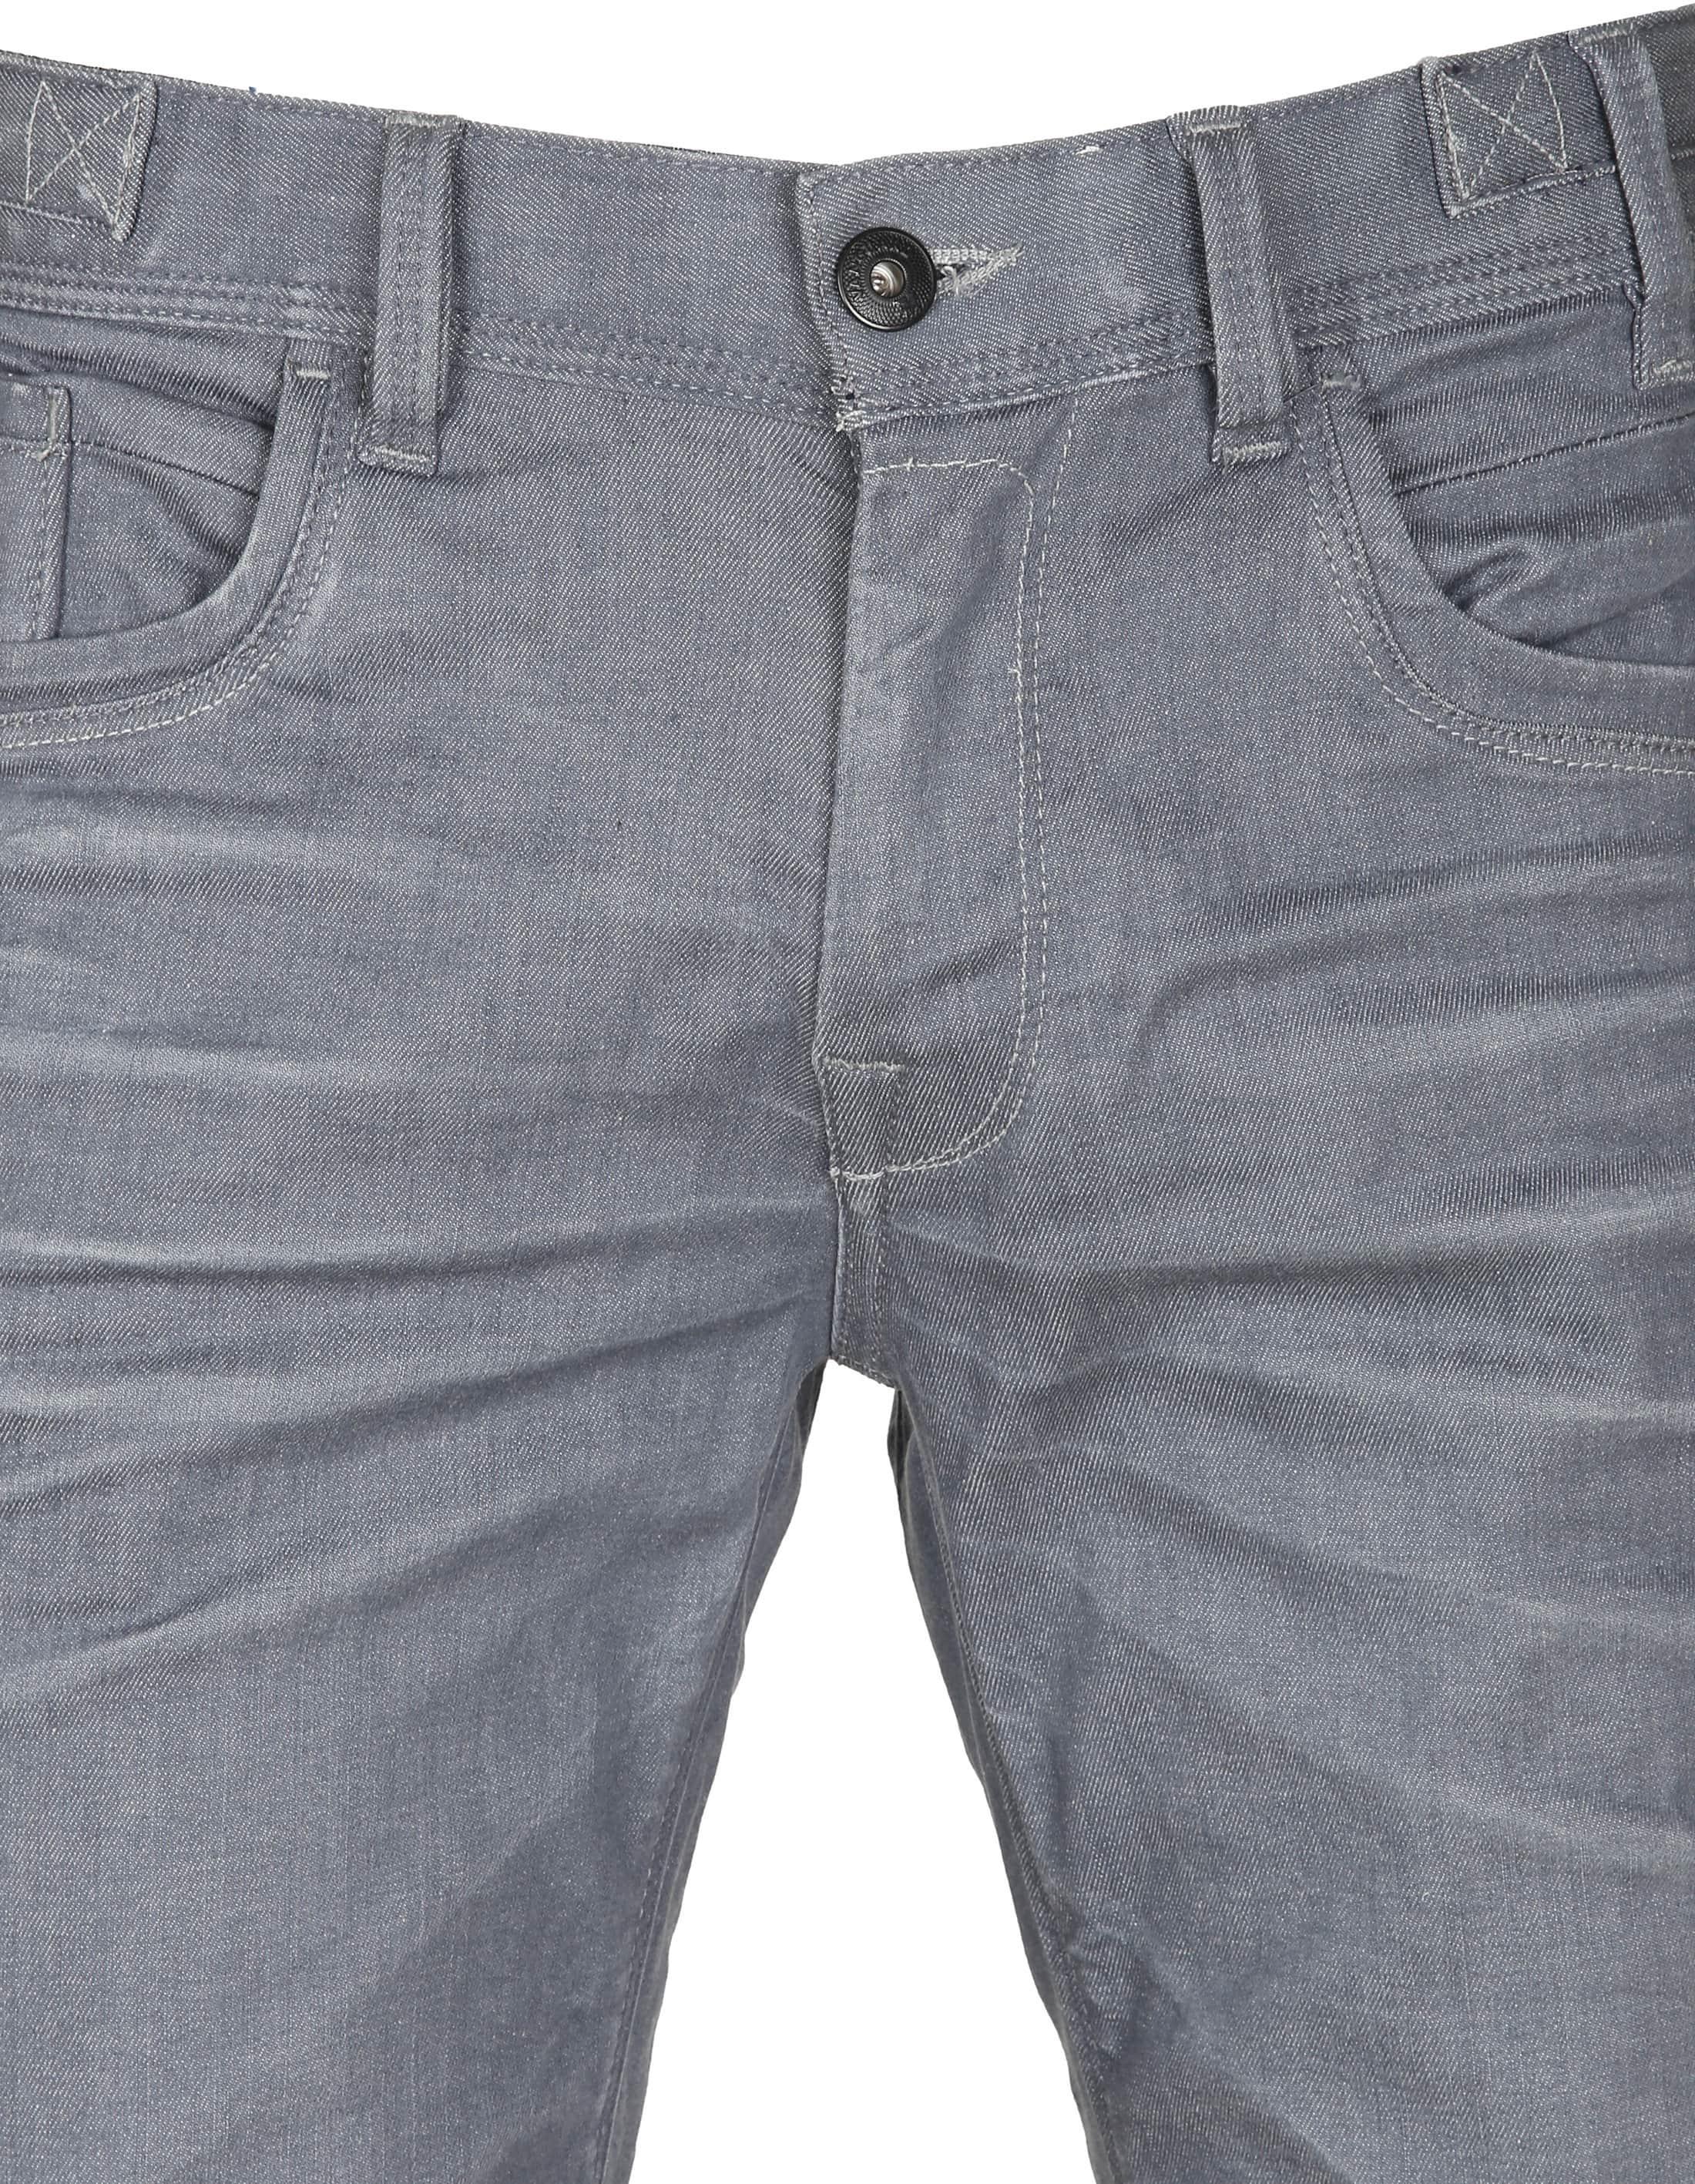 Vanguard V8 Jeans Bleached Dunkelgrau foto 2